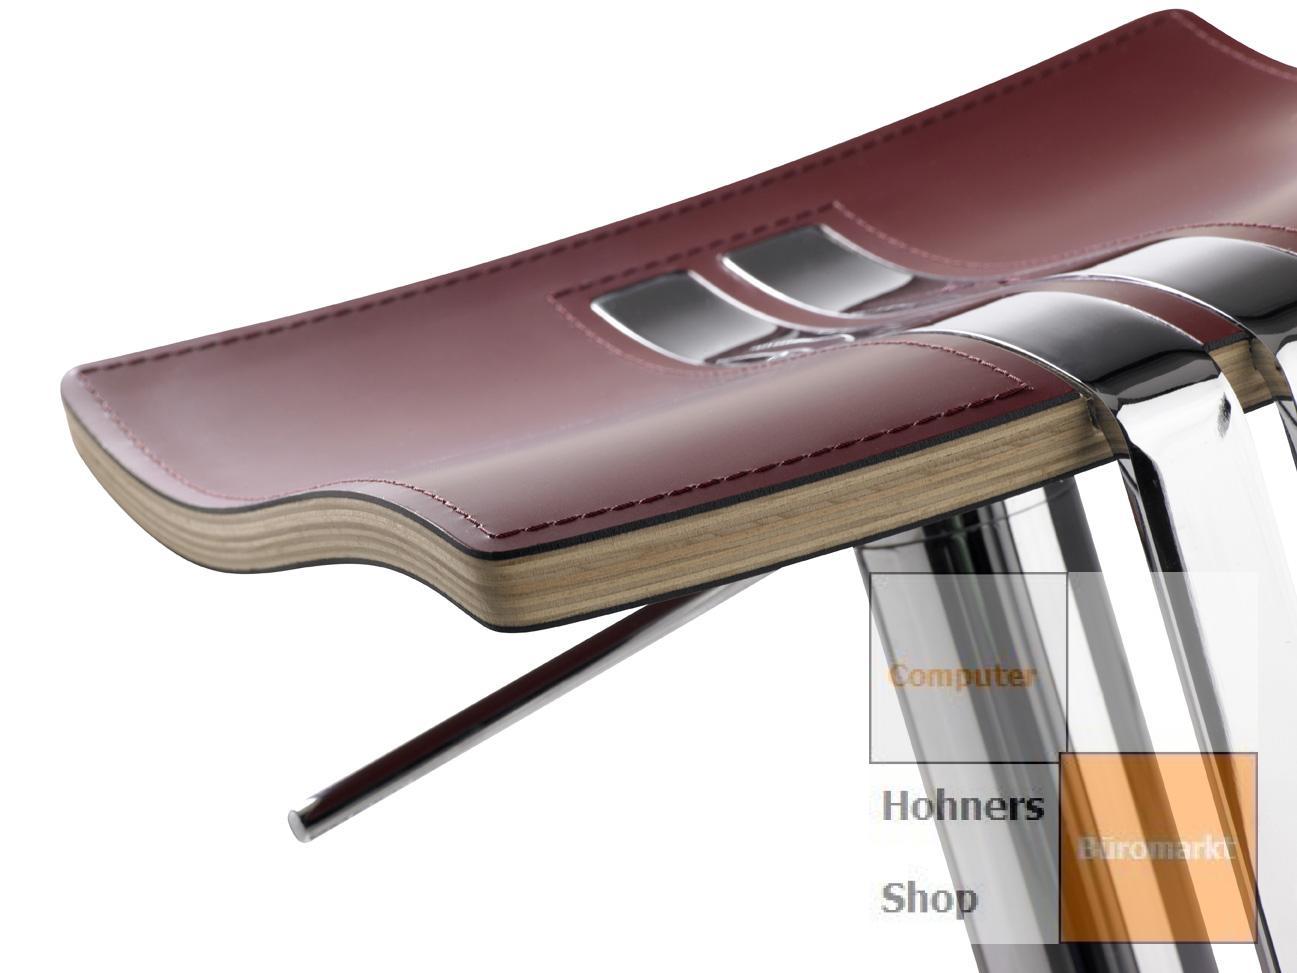 mayer wave barhocker tresenhocker edelstahl echt leder rot. Black Bedroom Furniture Sets. Home Design Ideas